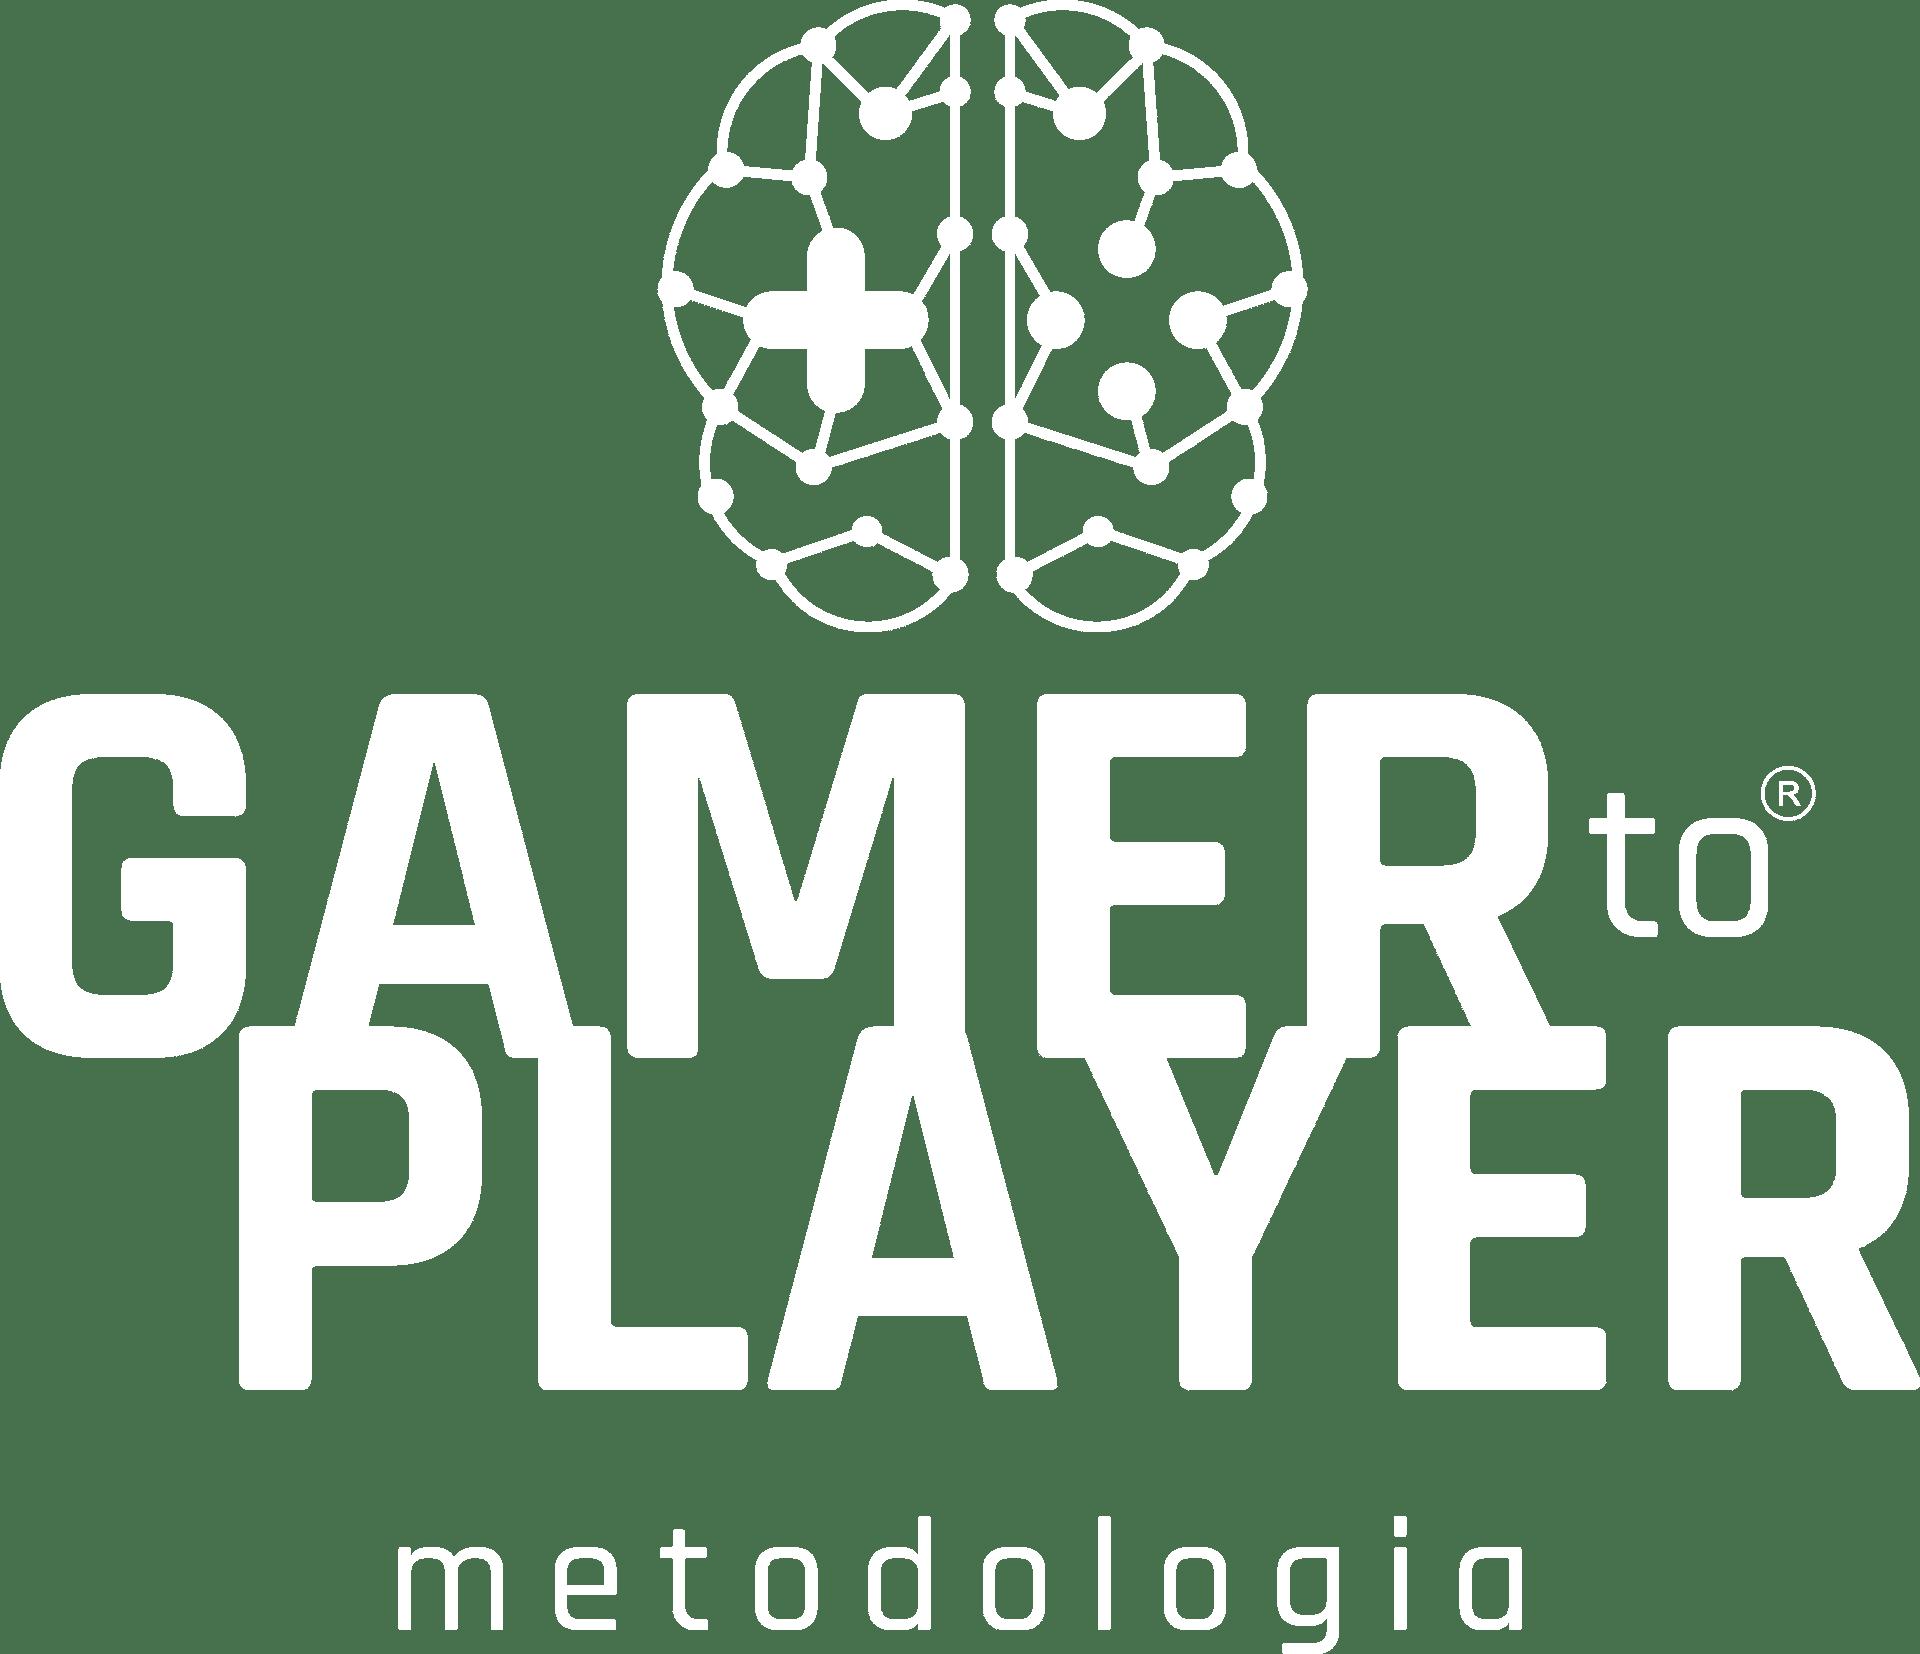 Na Gamescool nós deslumbramos o futuro